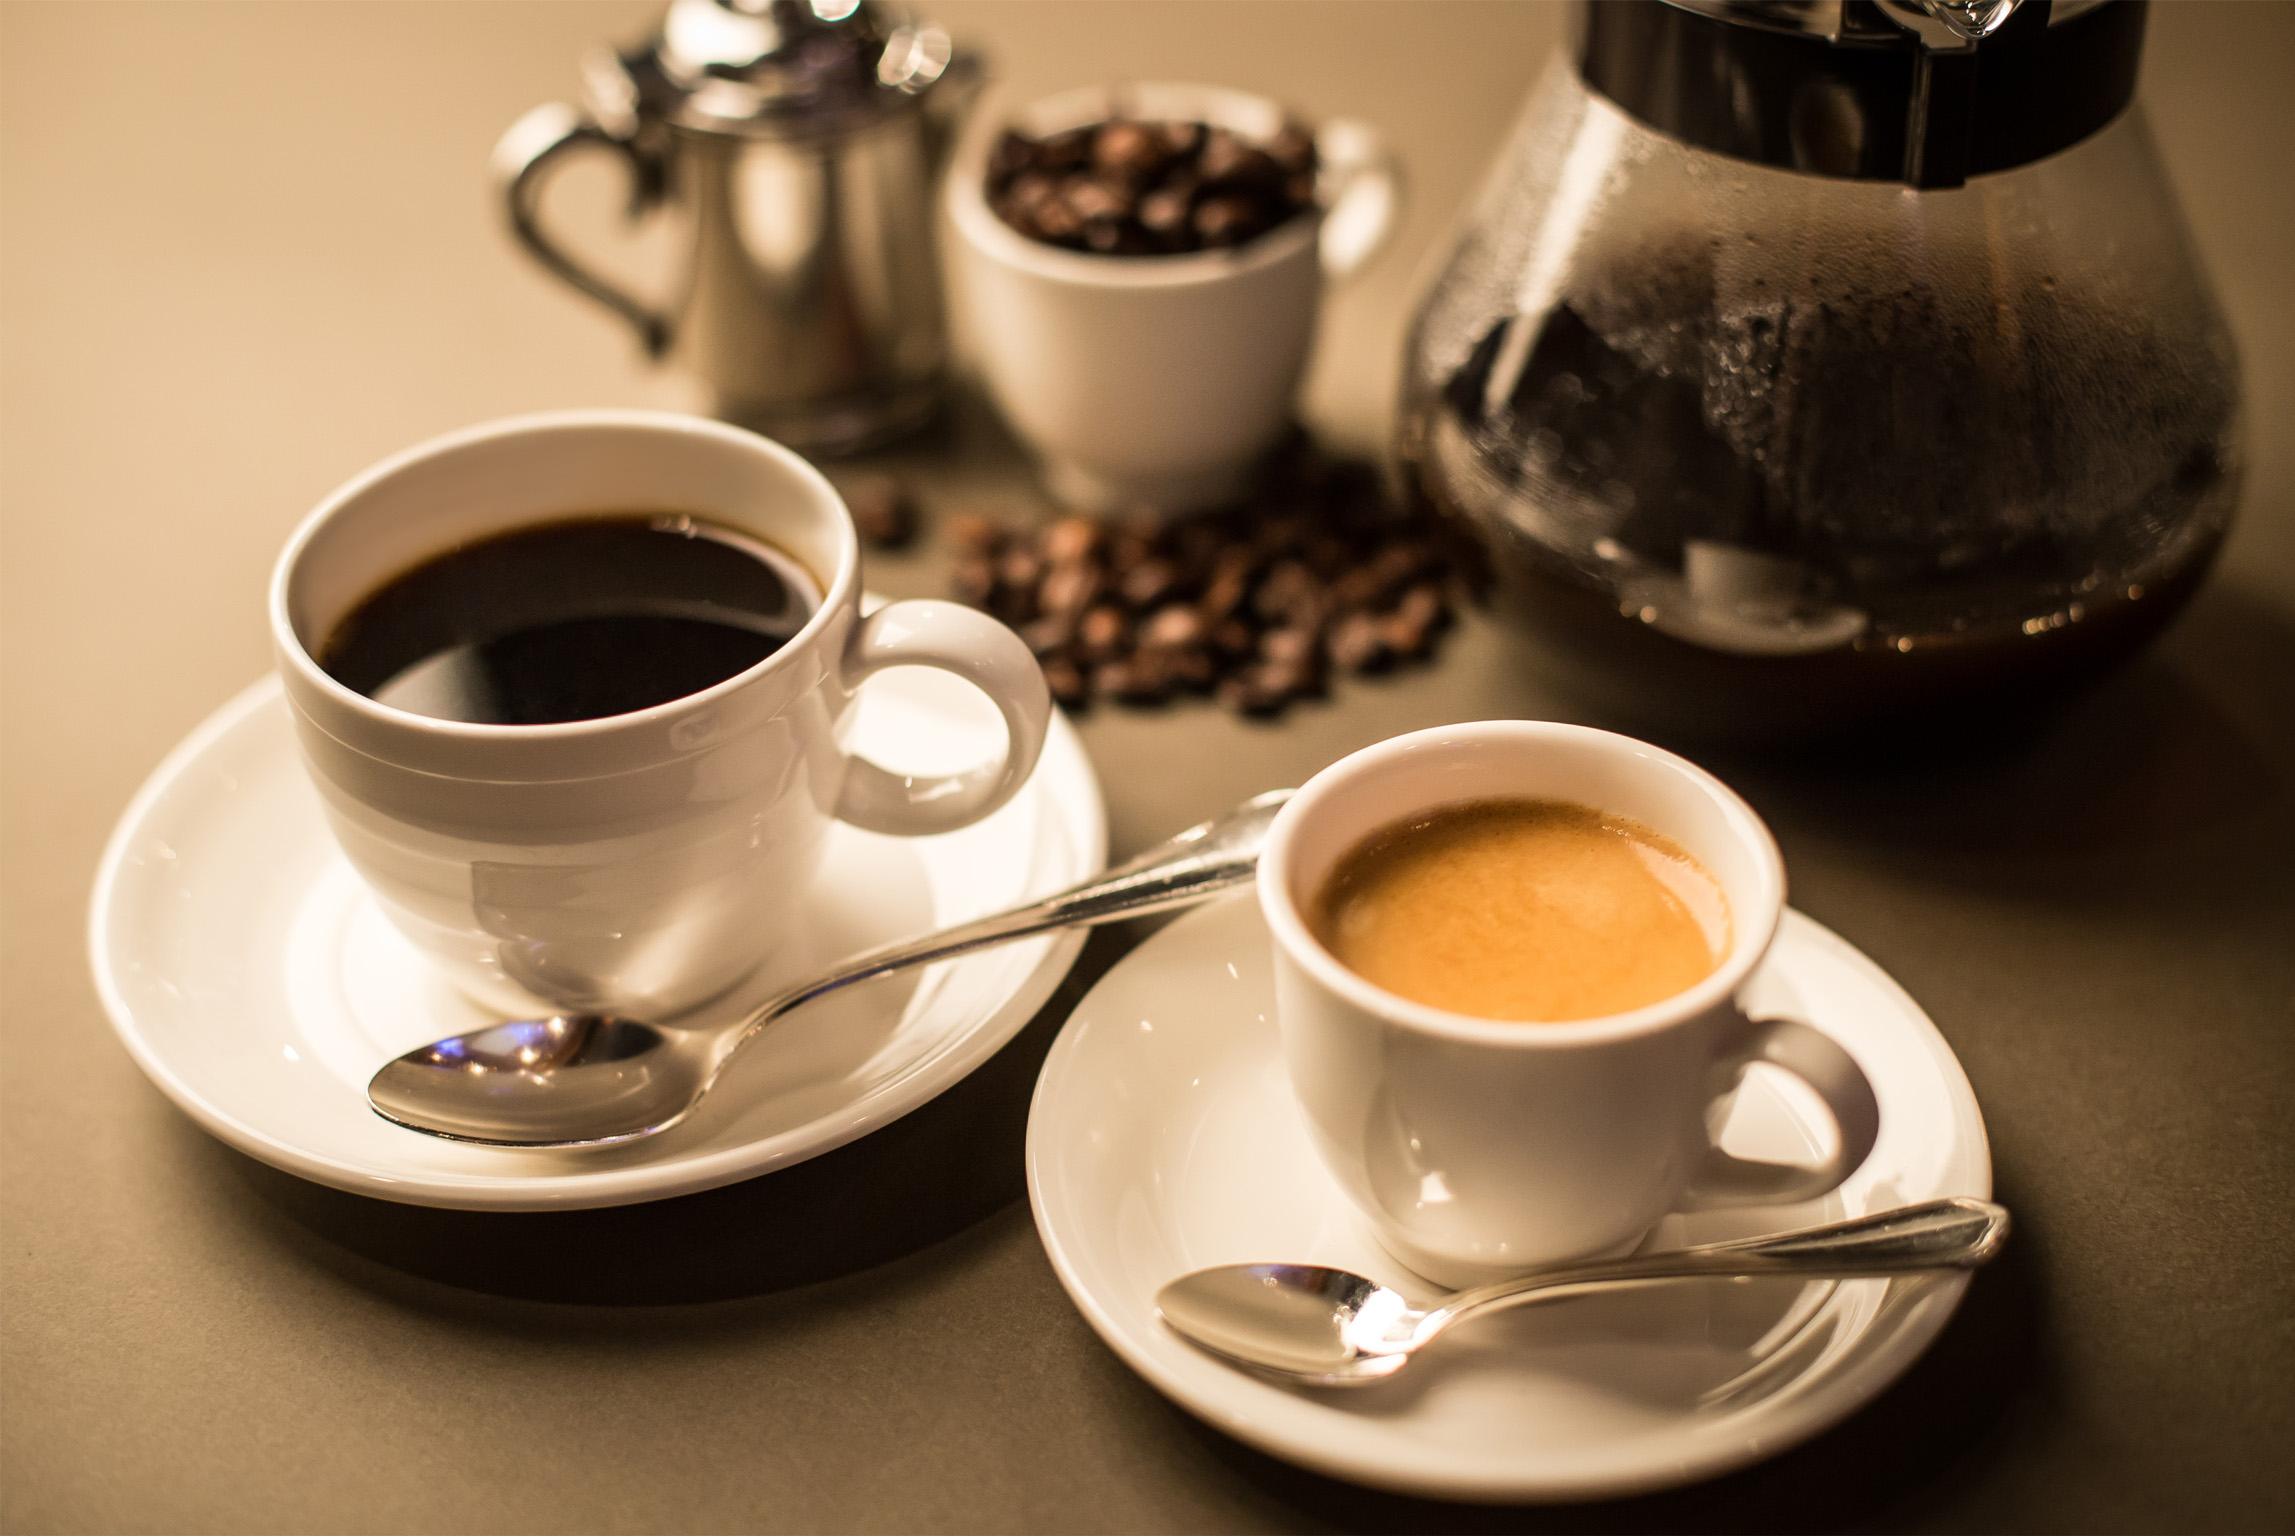 ホテル最上階バーレンブラント【カフェメニュー】 淹れたての香り高いコーヒーをご用意!